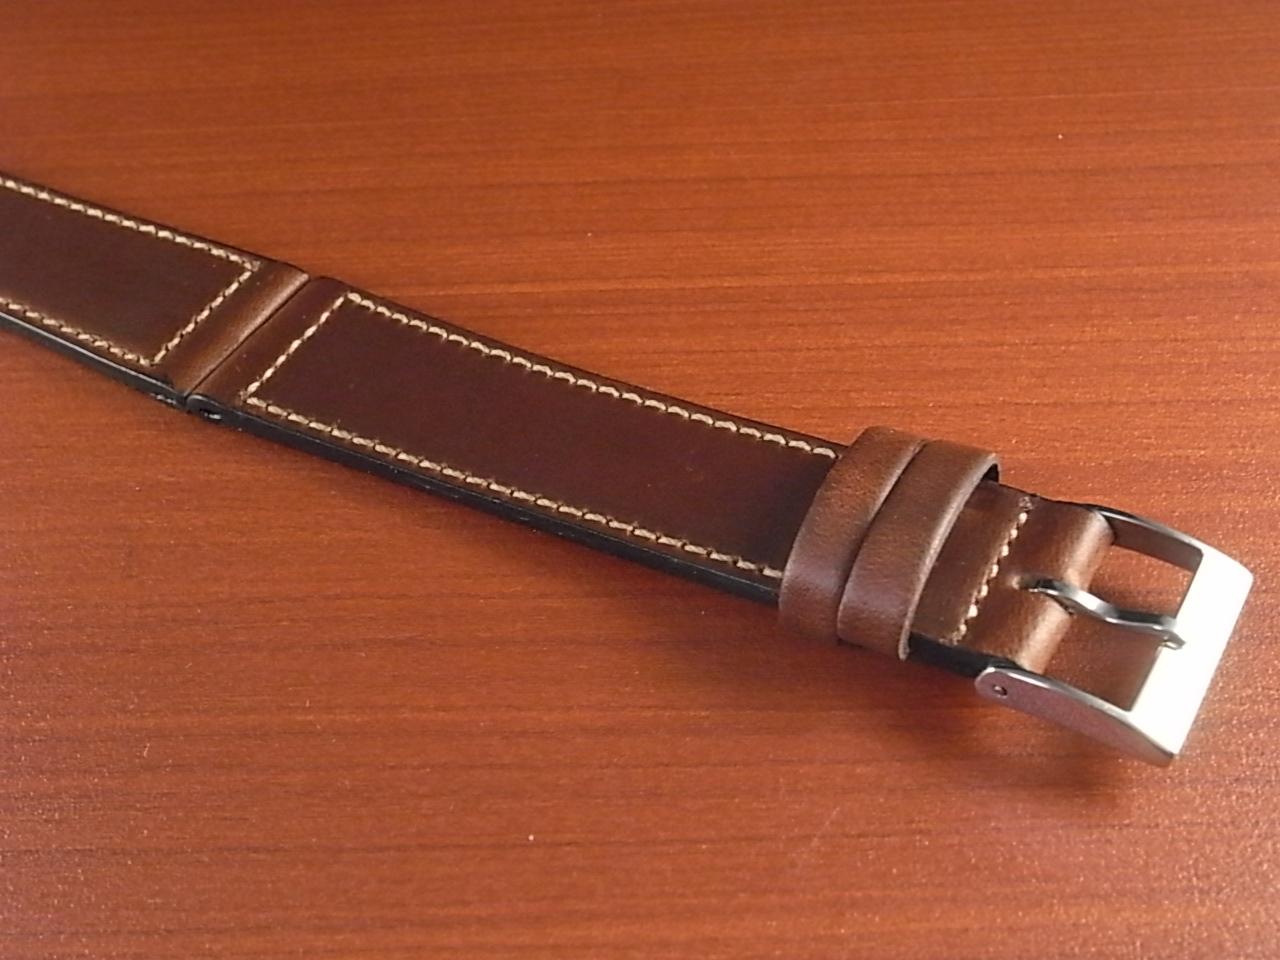 ホーウィン クロムエクセル レギュラー ティンバー 16、17、18、19、20mmの写真6枚目